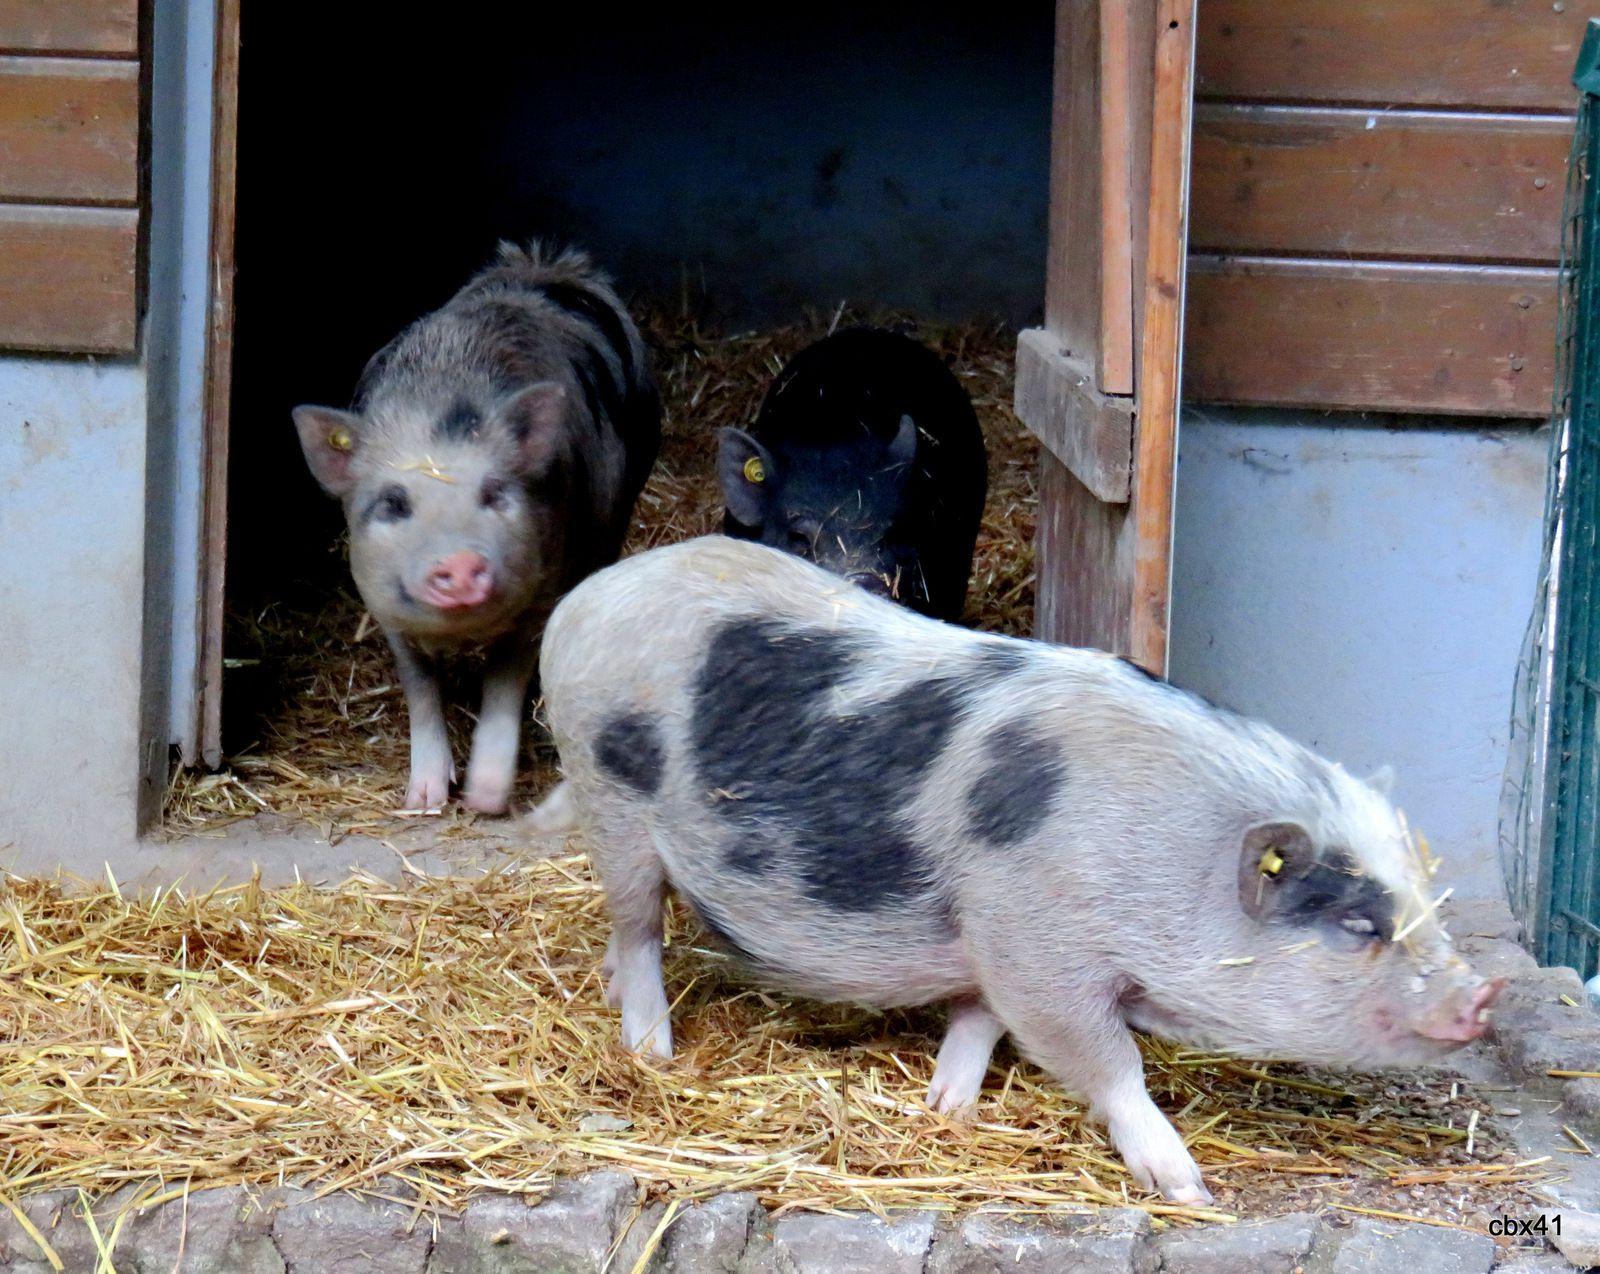 Les cochons nains de la mini-ferme du parc Corbière, Le Pecq (Yvelines)